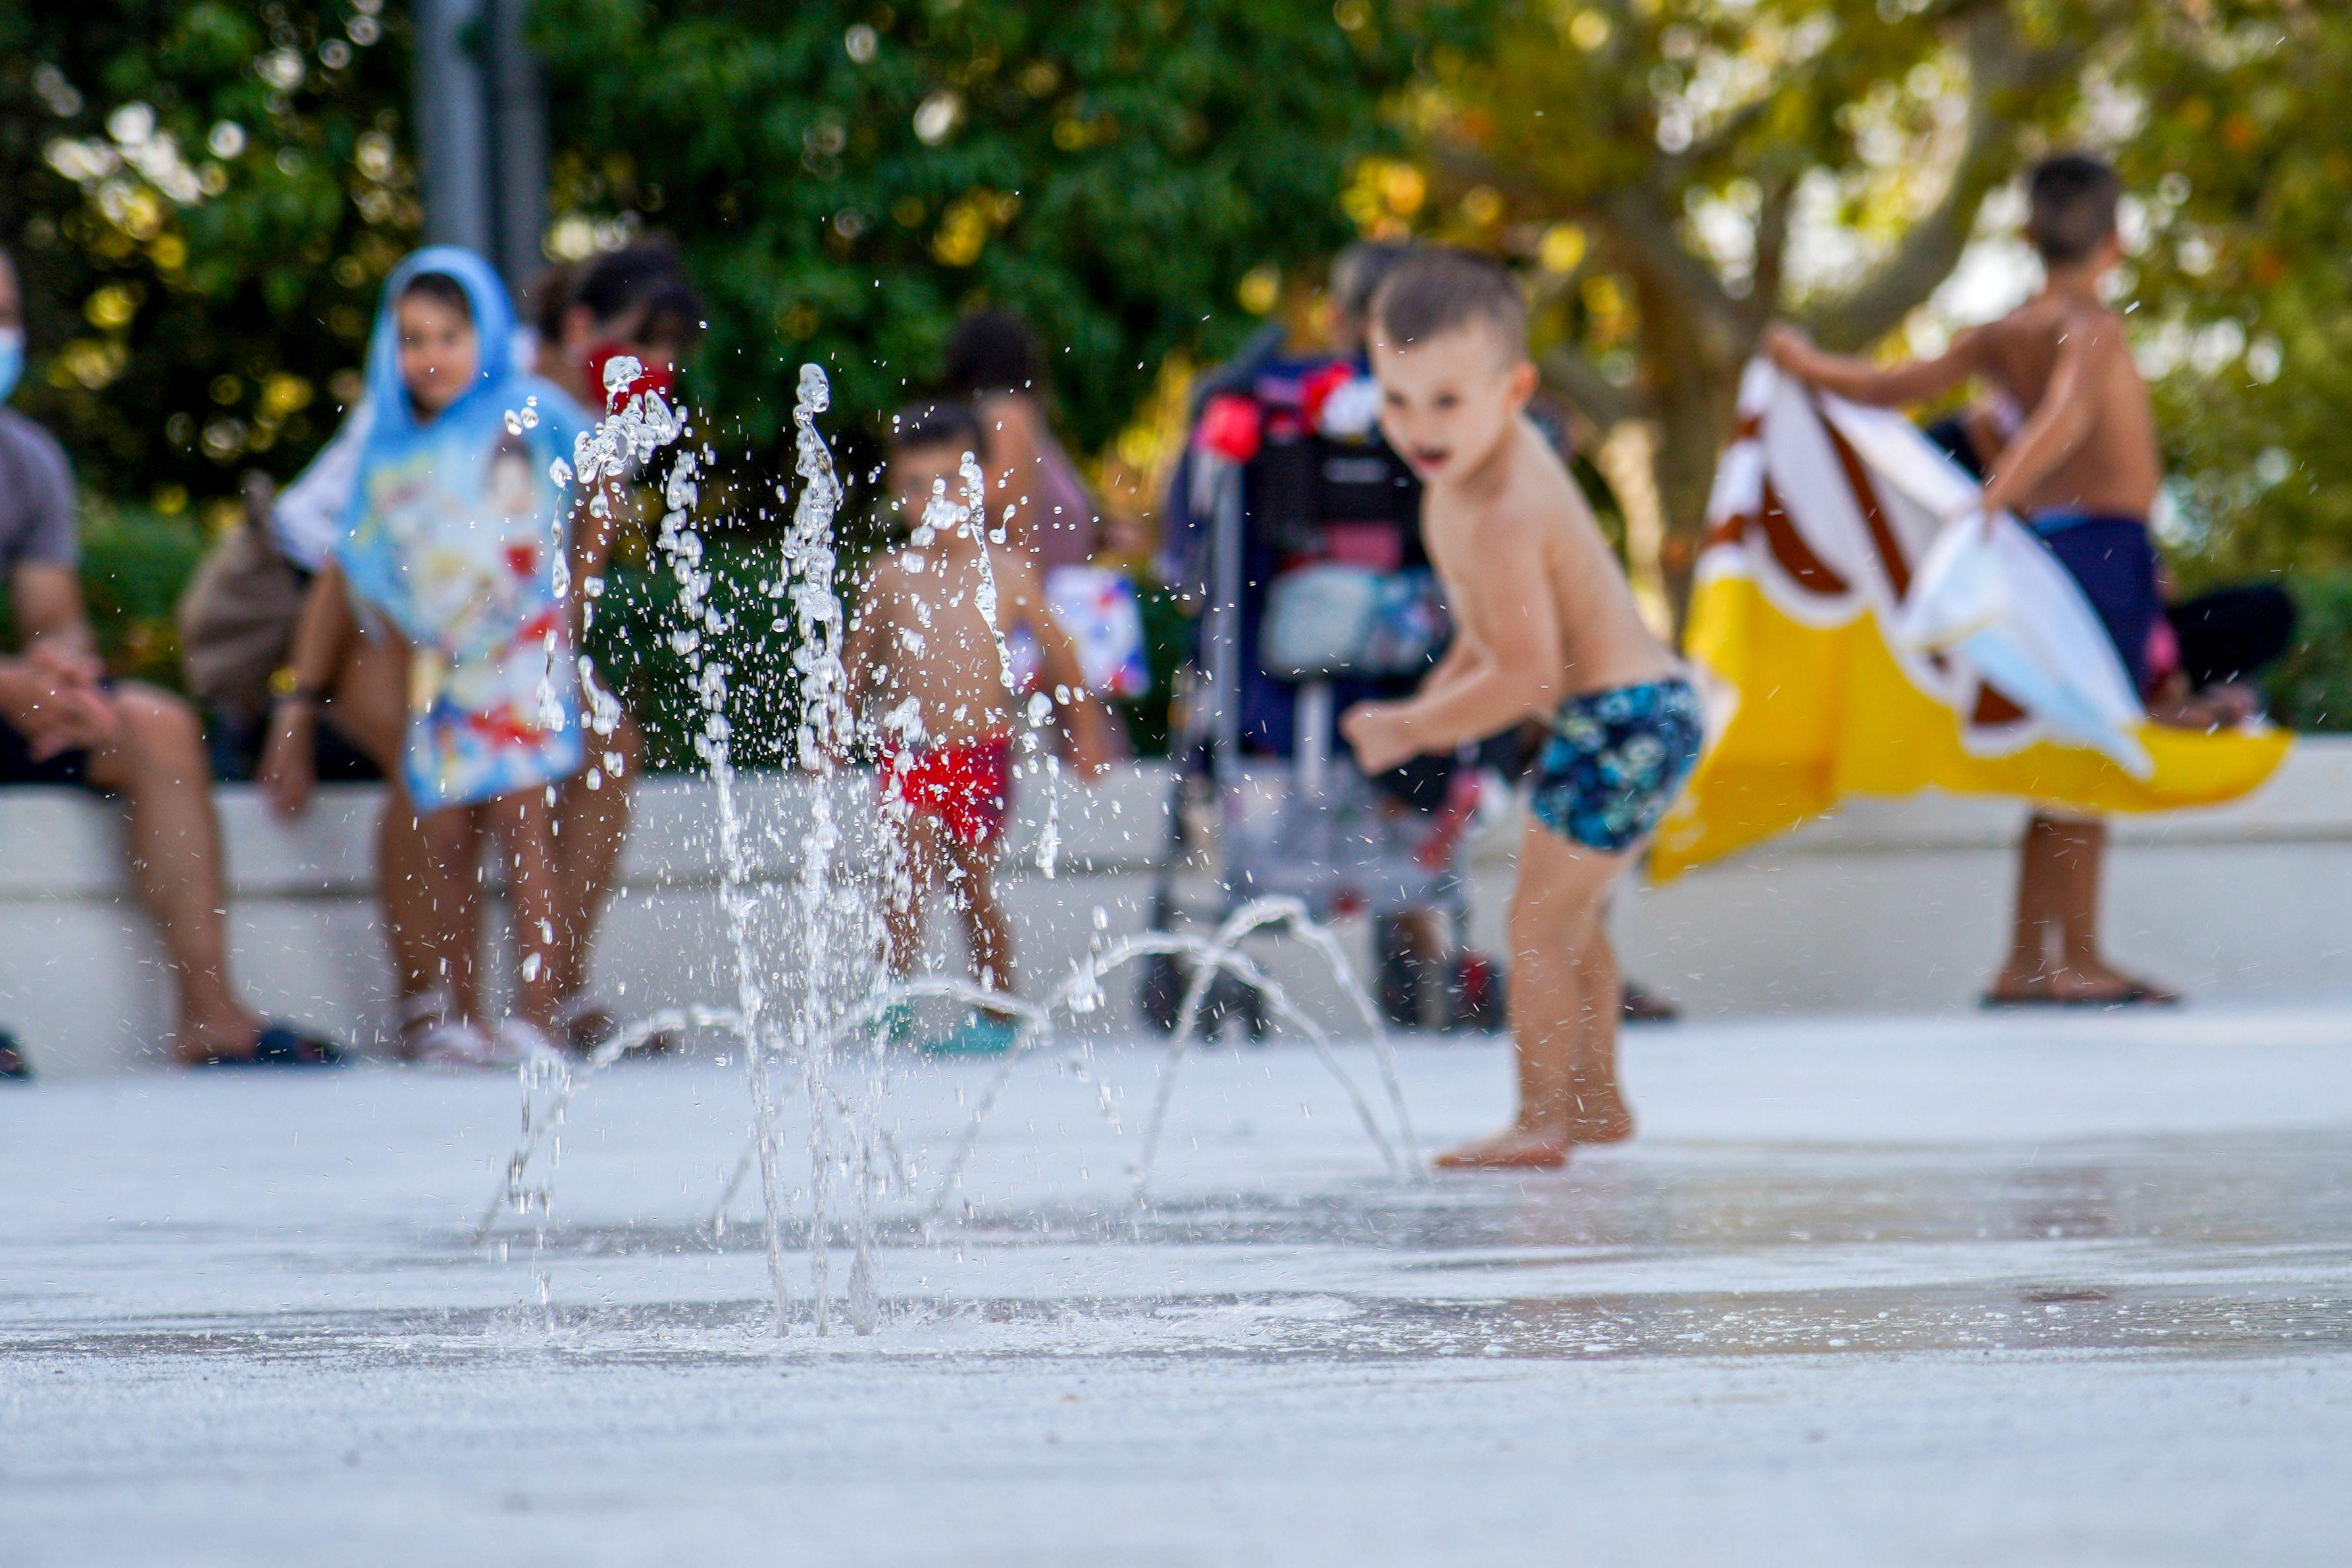 Les fotografies de les zones dels jocs d'aigua a Cerdanyola